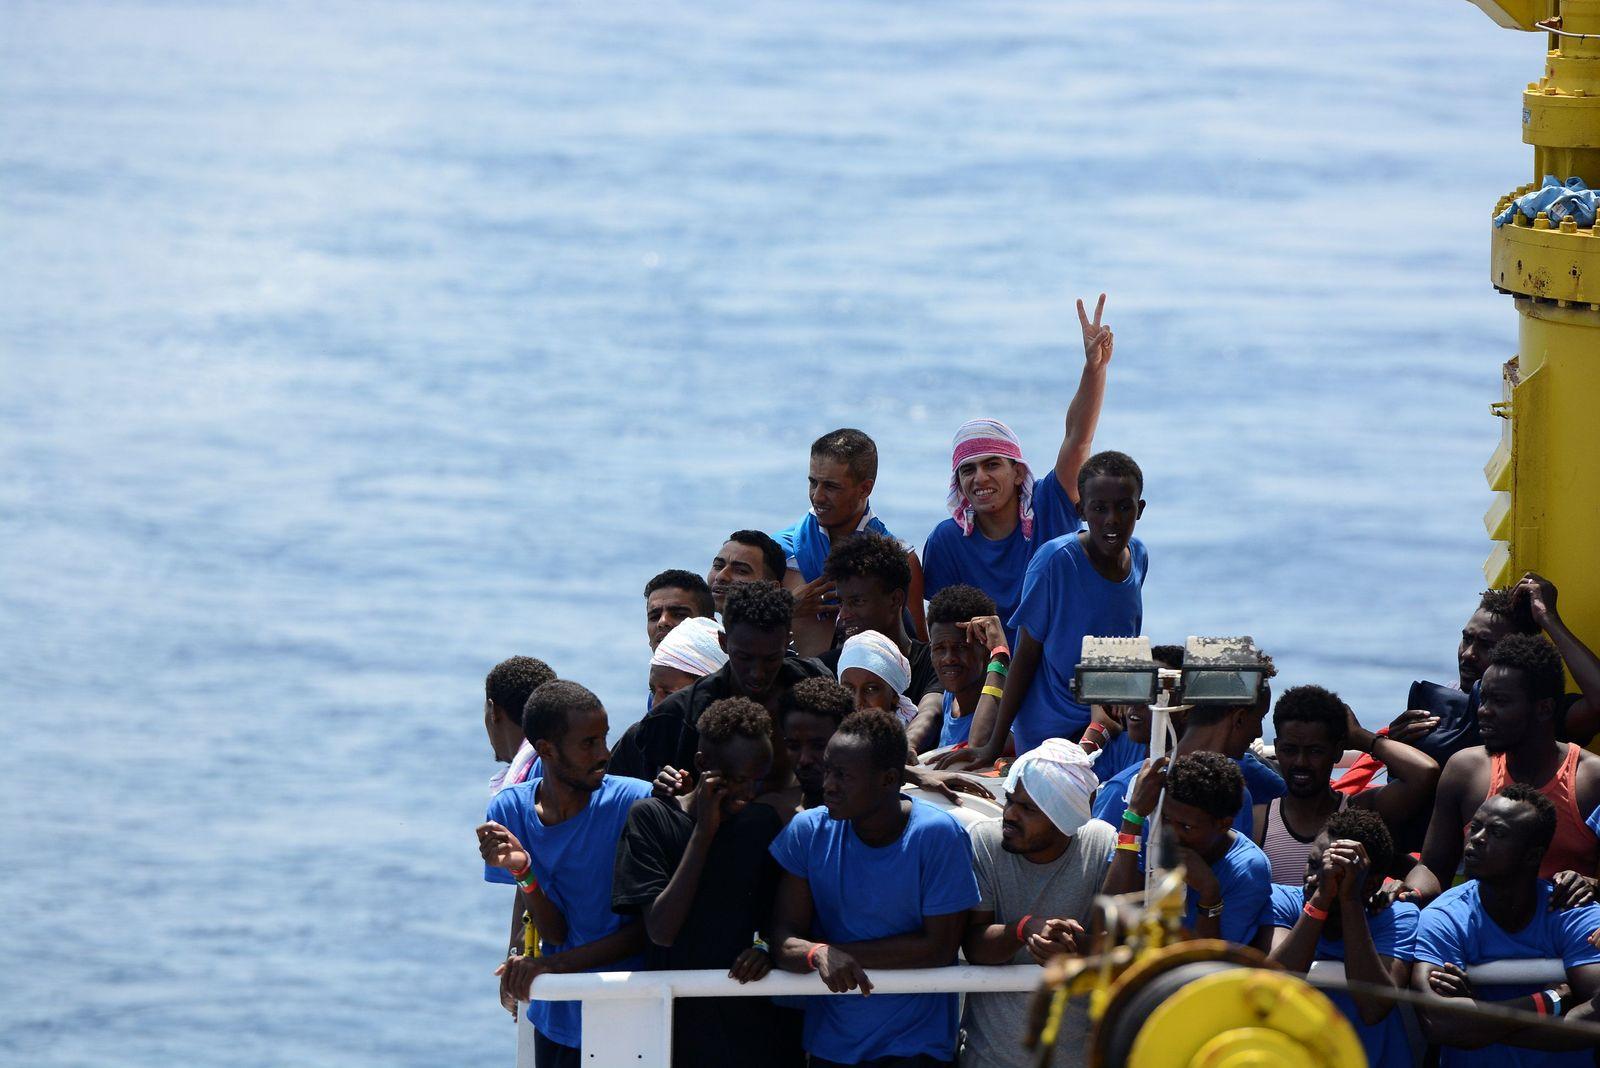 EUROPE-MIGRANTS/NGO